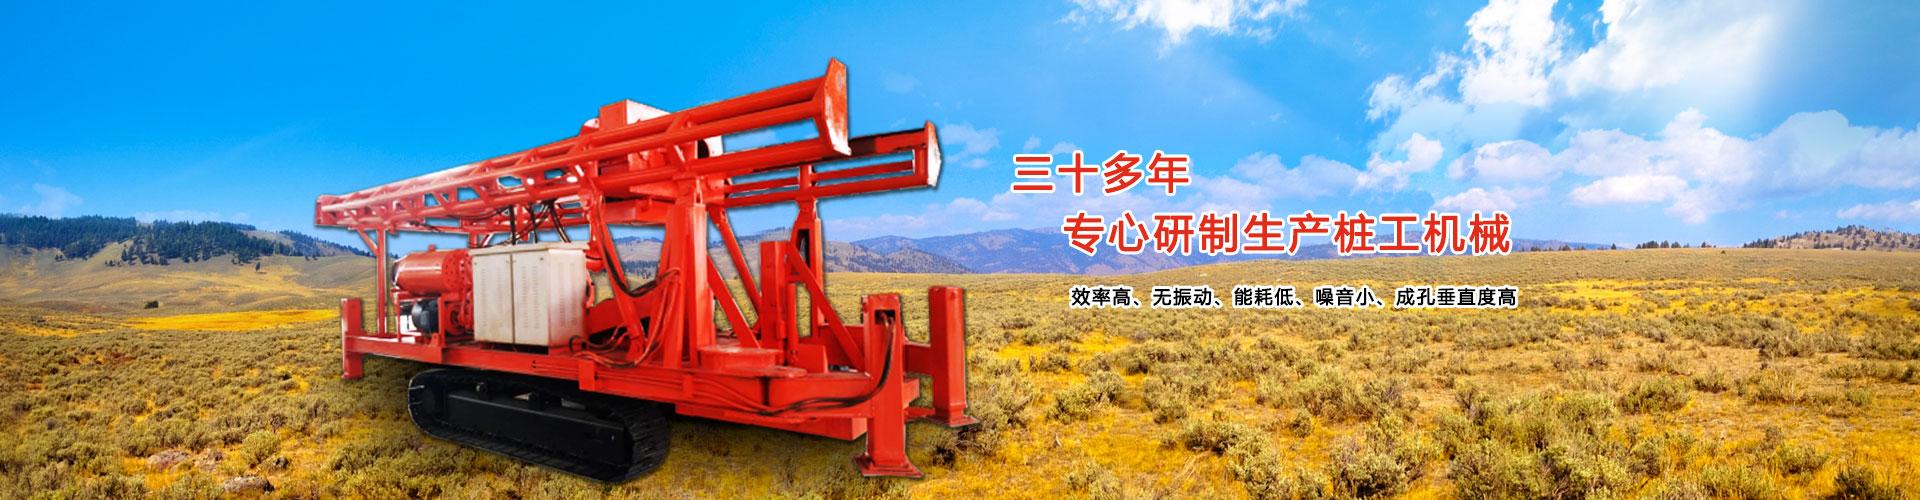 正反循环钻机,灌注桩导管,车载钻机,液压步履式打桩机